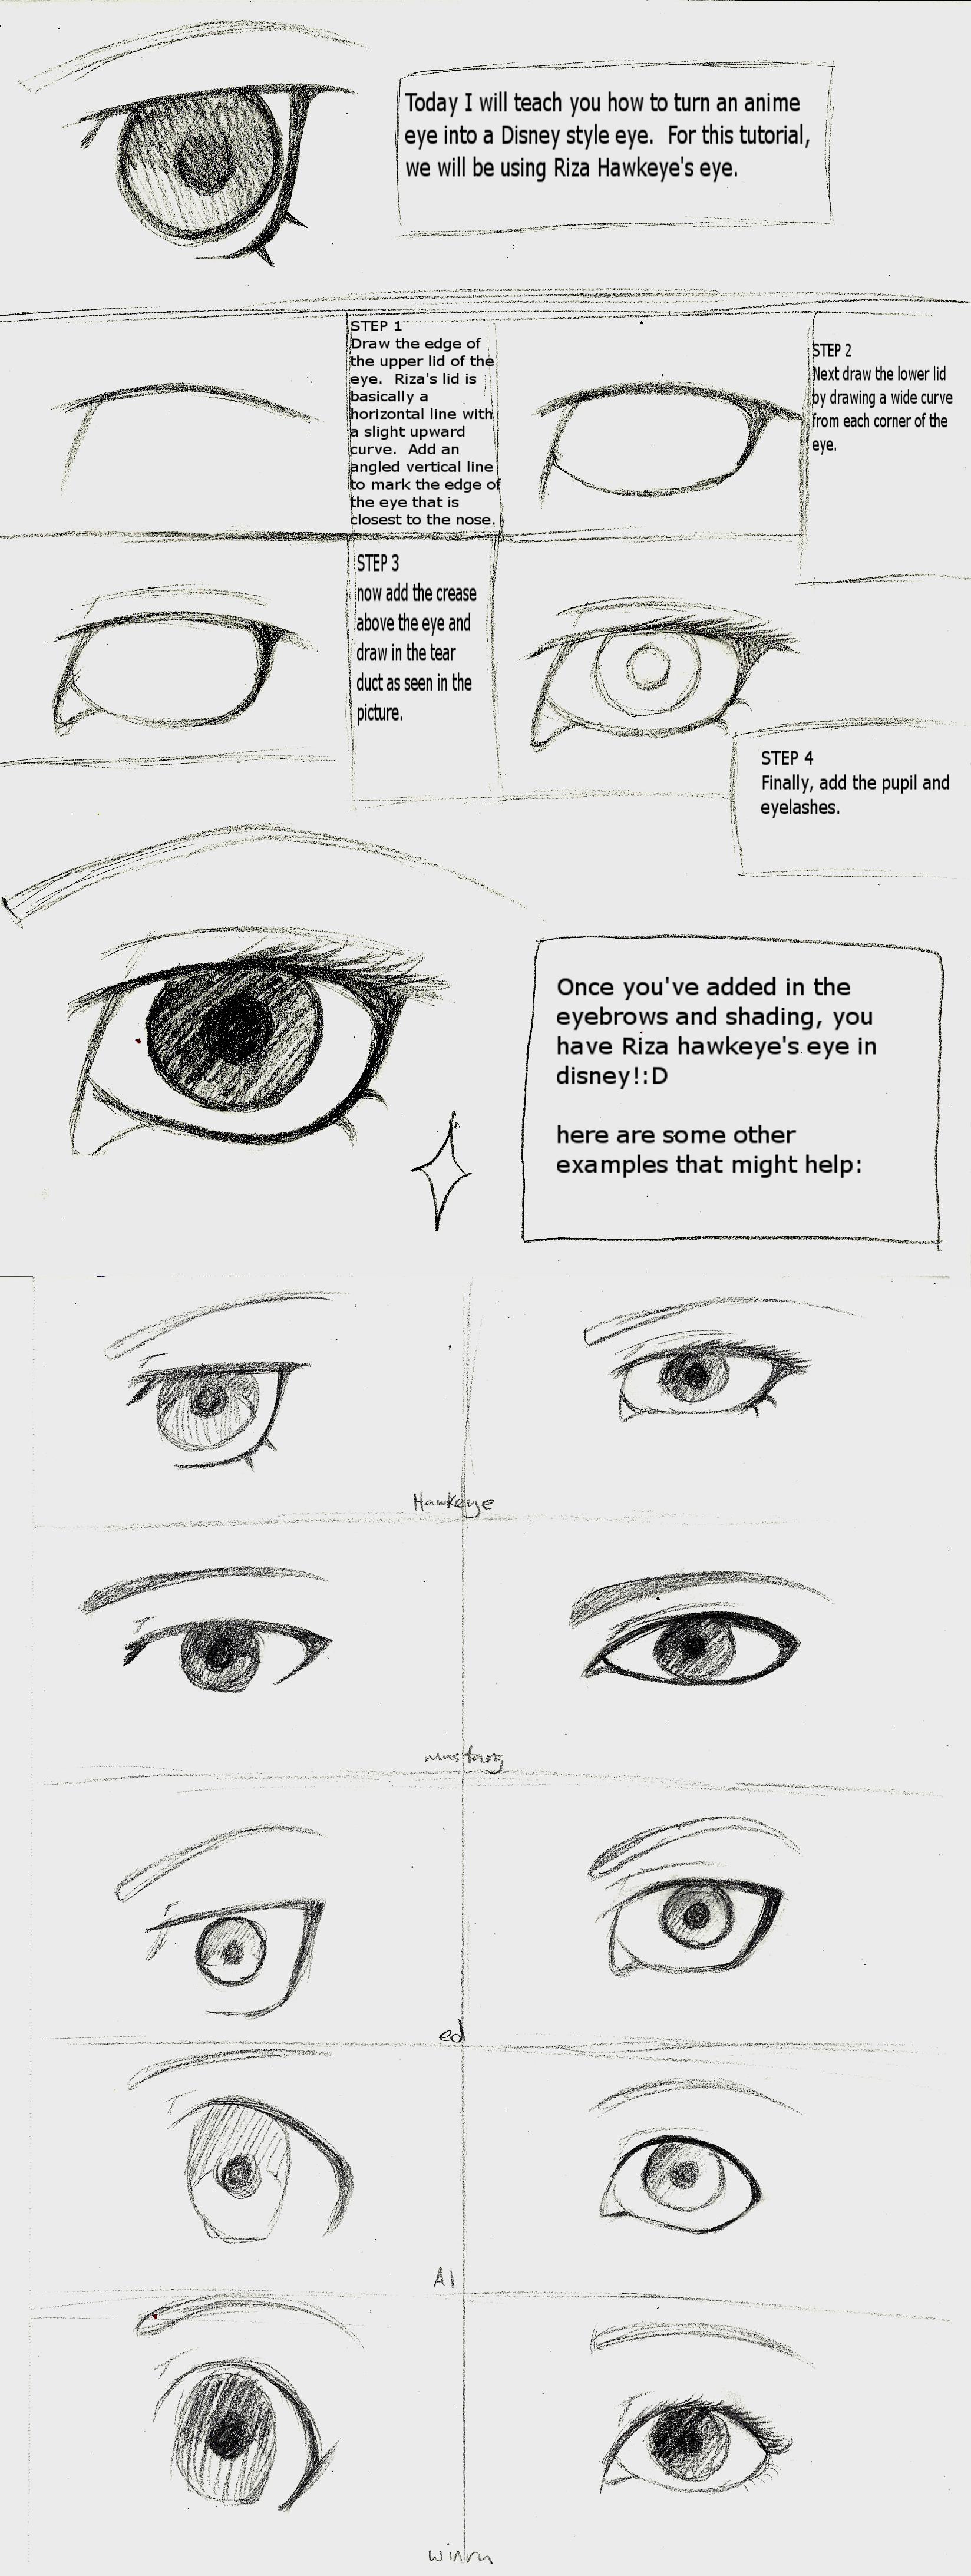 Disney Eye Tutorial By Horsegrl1234 Disney Eye Tutorial By Horsegrl1234 Disney  Eye Tutorial By Horsegrl1234 On